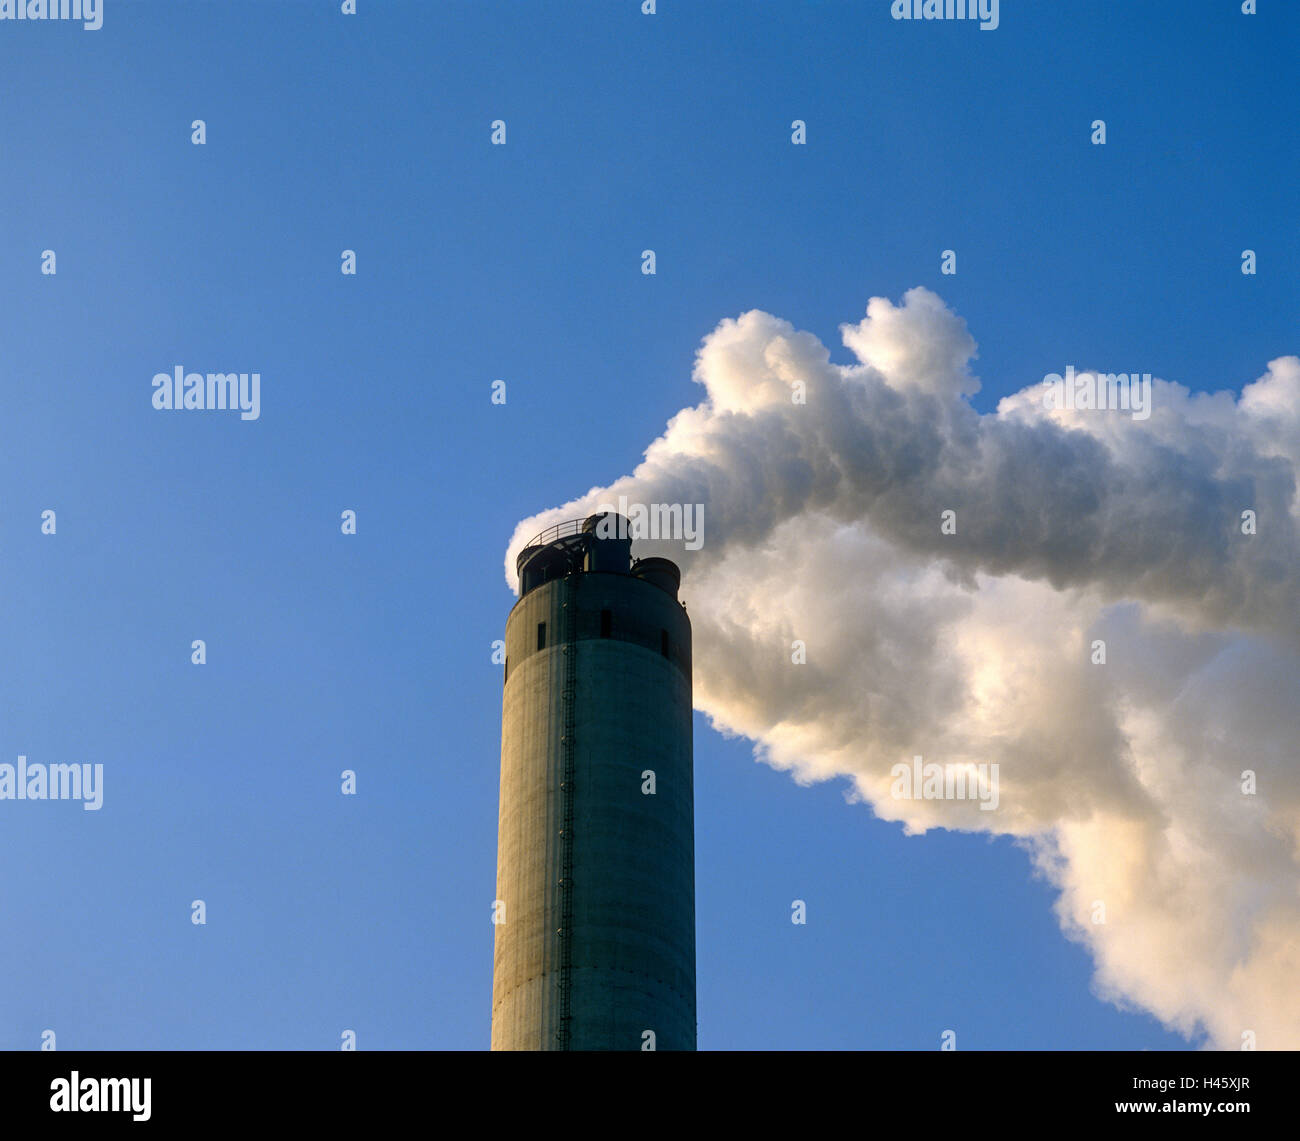 La fumée s'échapper d'une tour industrielle Photo Stock